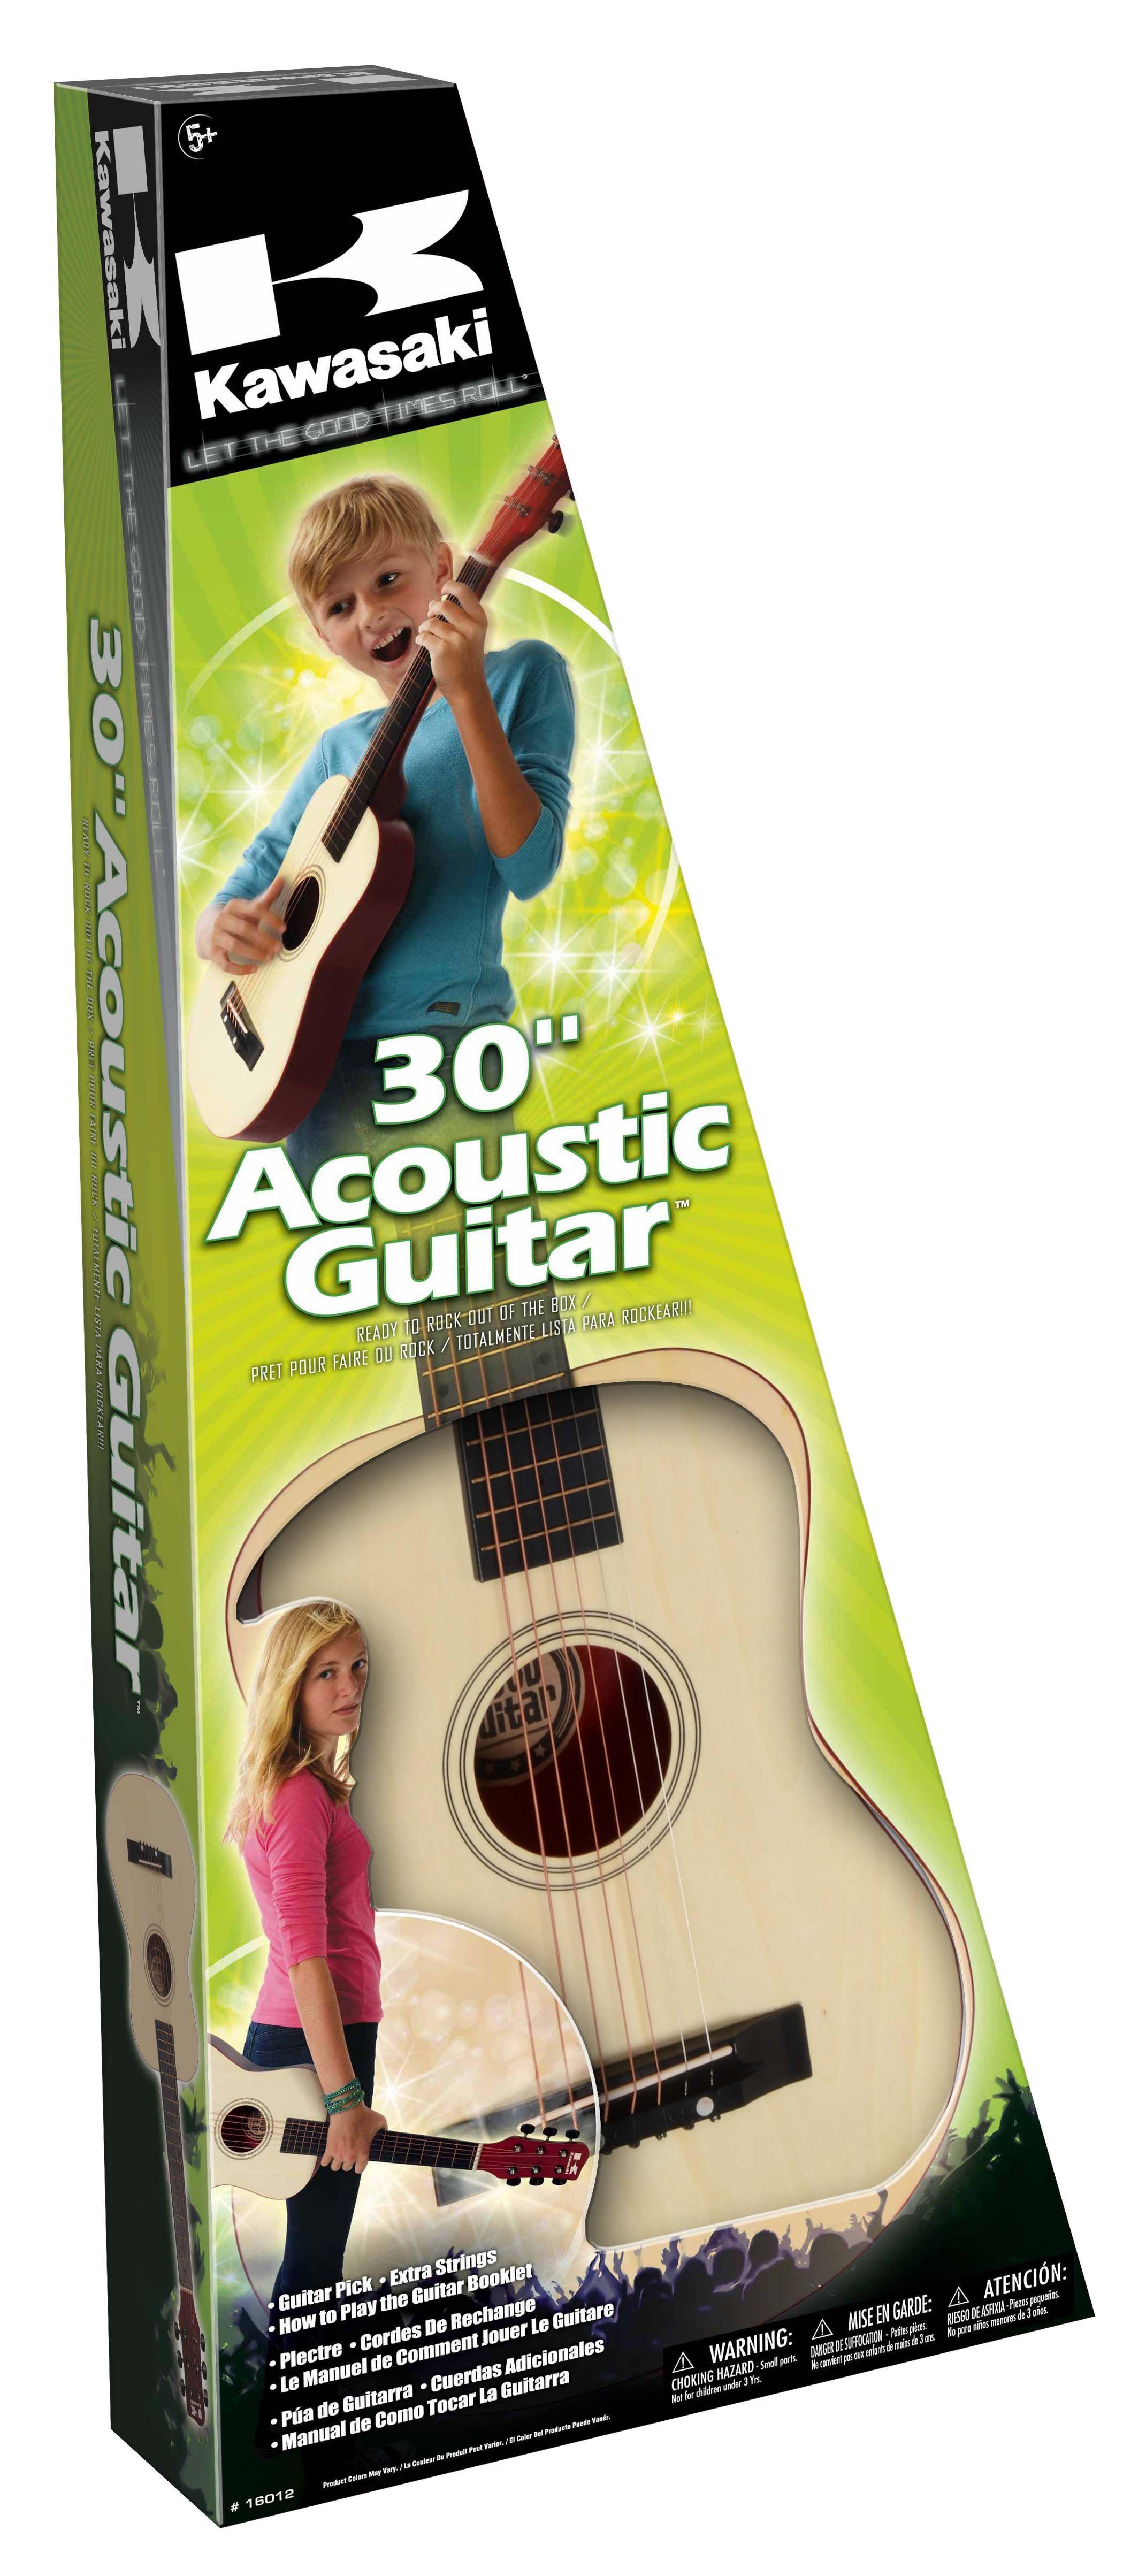 30 Acoustic Guitar Kawasaki Guitars Guitar Acoustic Guitar